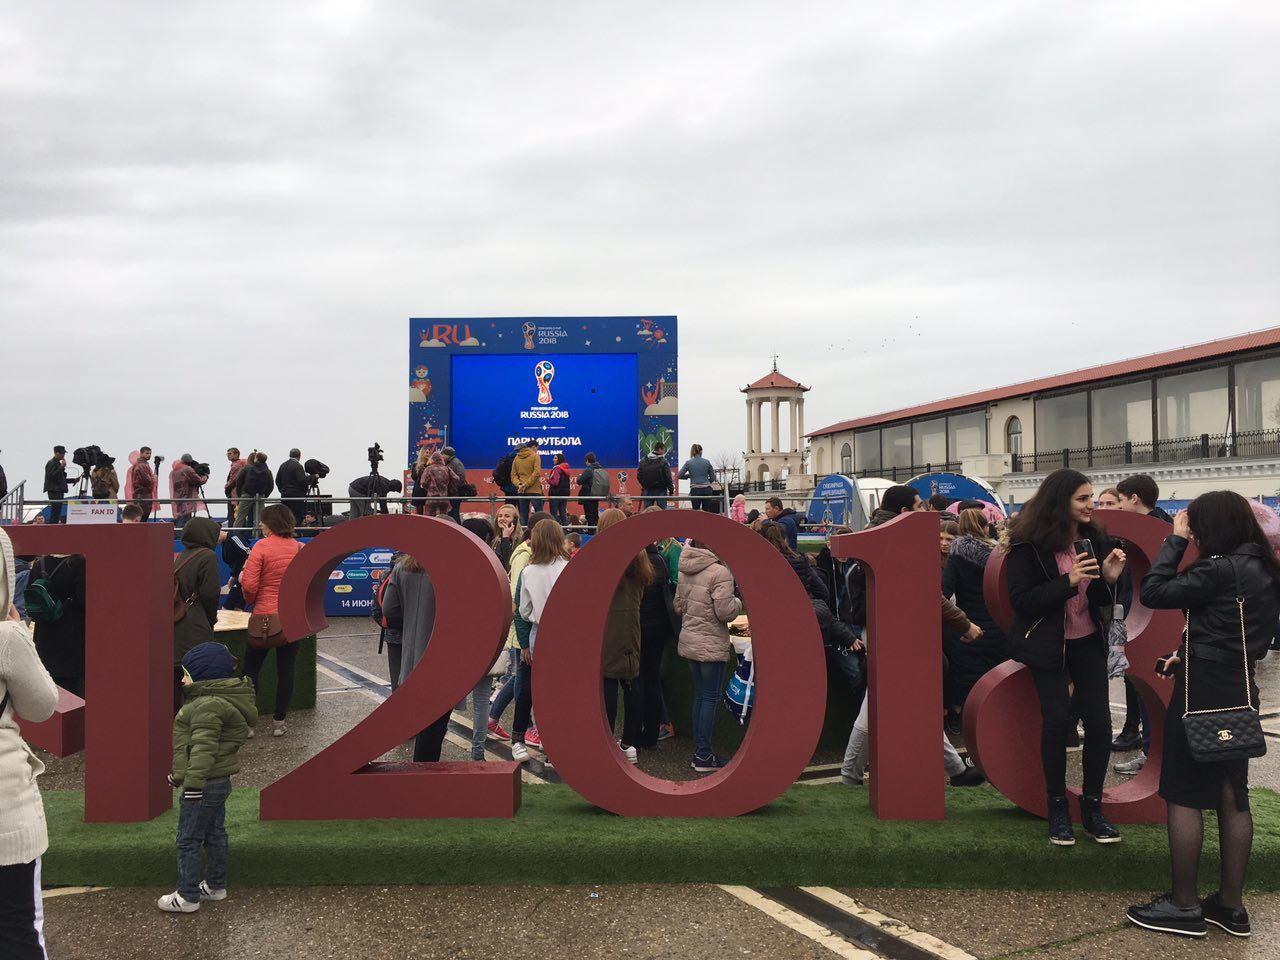 Нуну Гомеш: Португалия думает выиграть чемпионат мира, однако это сделать непросто